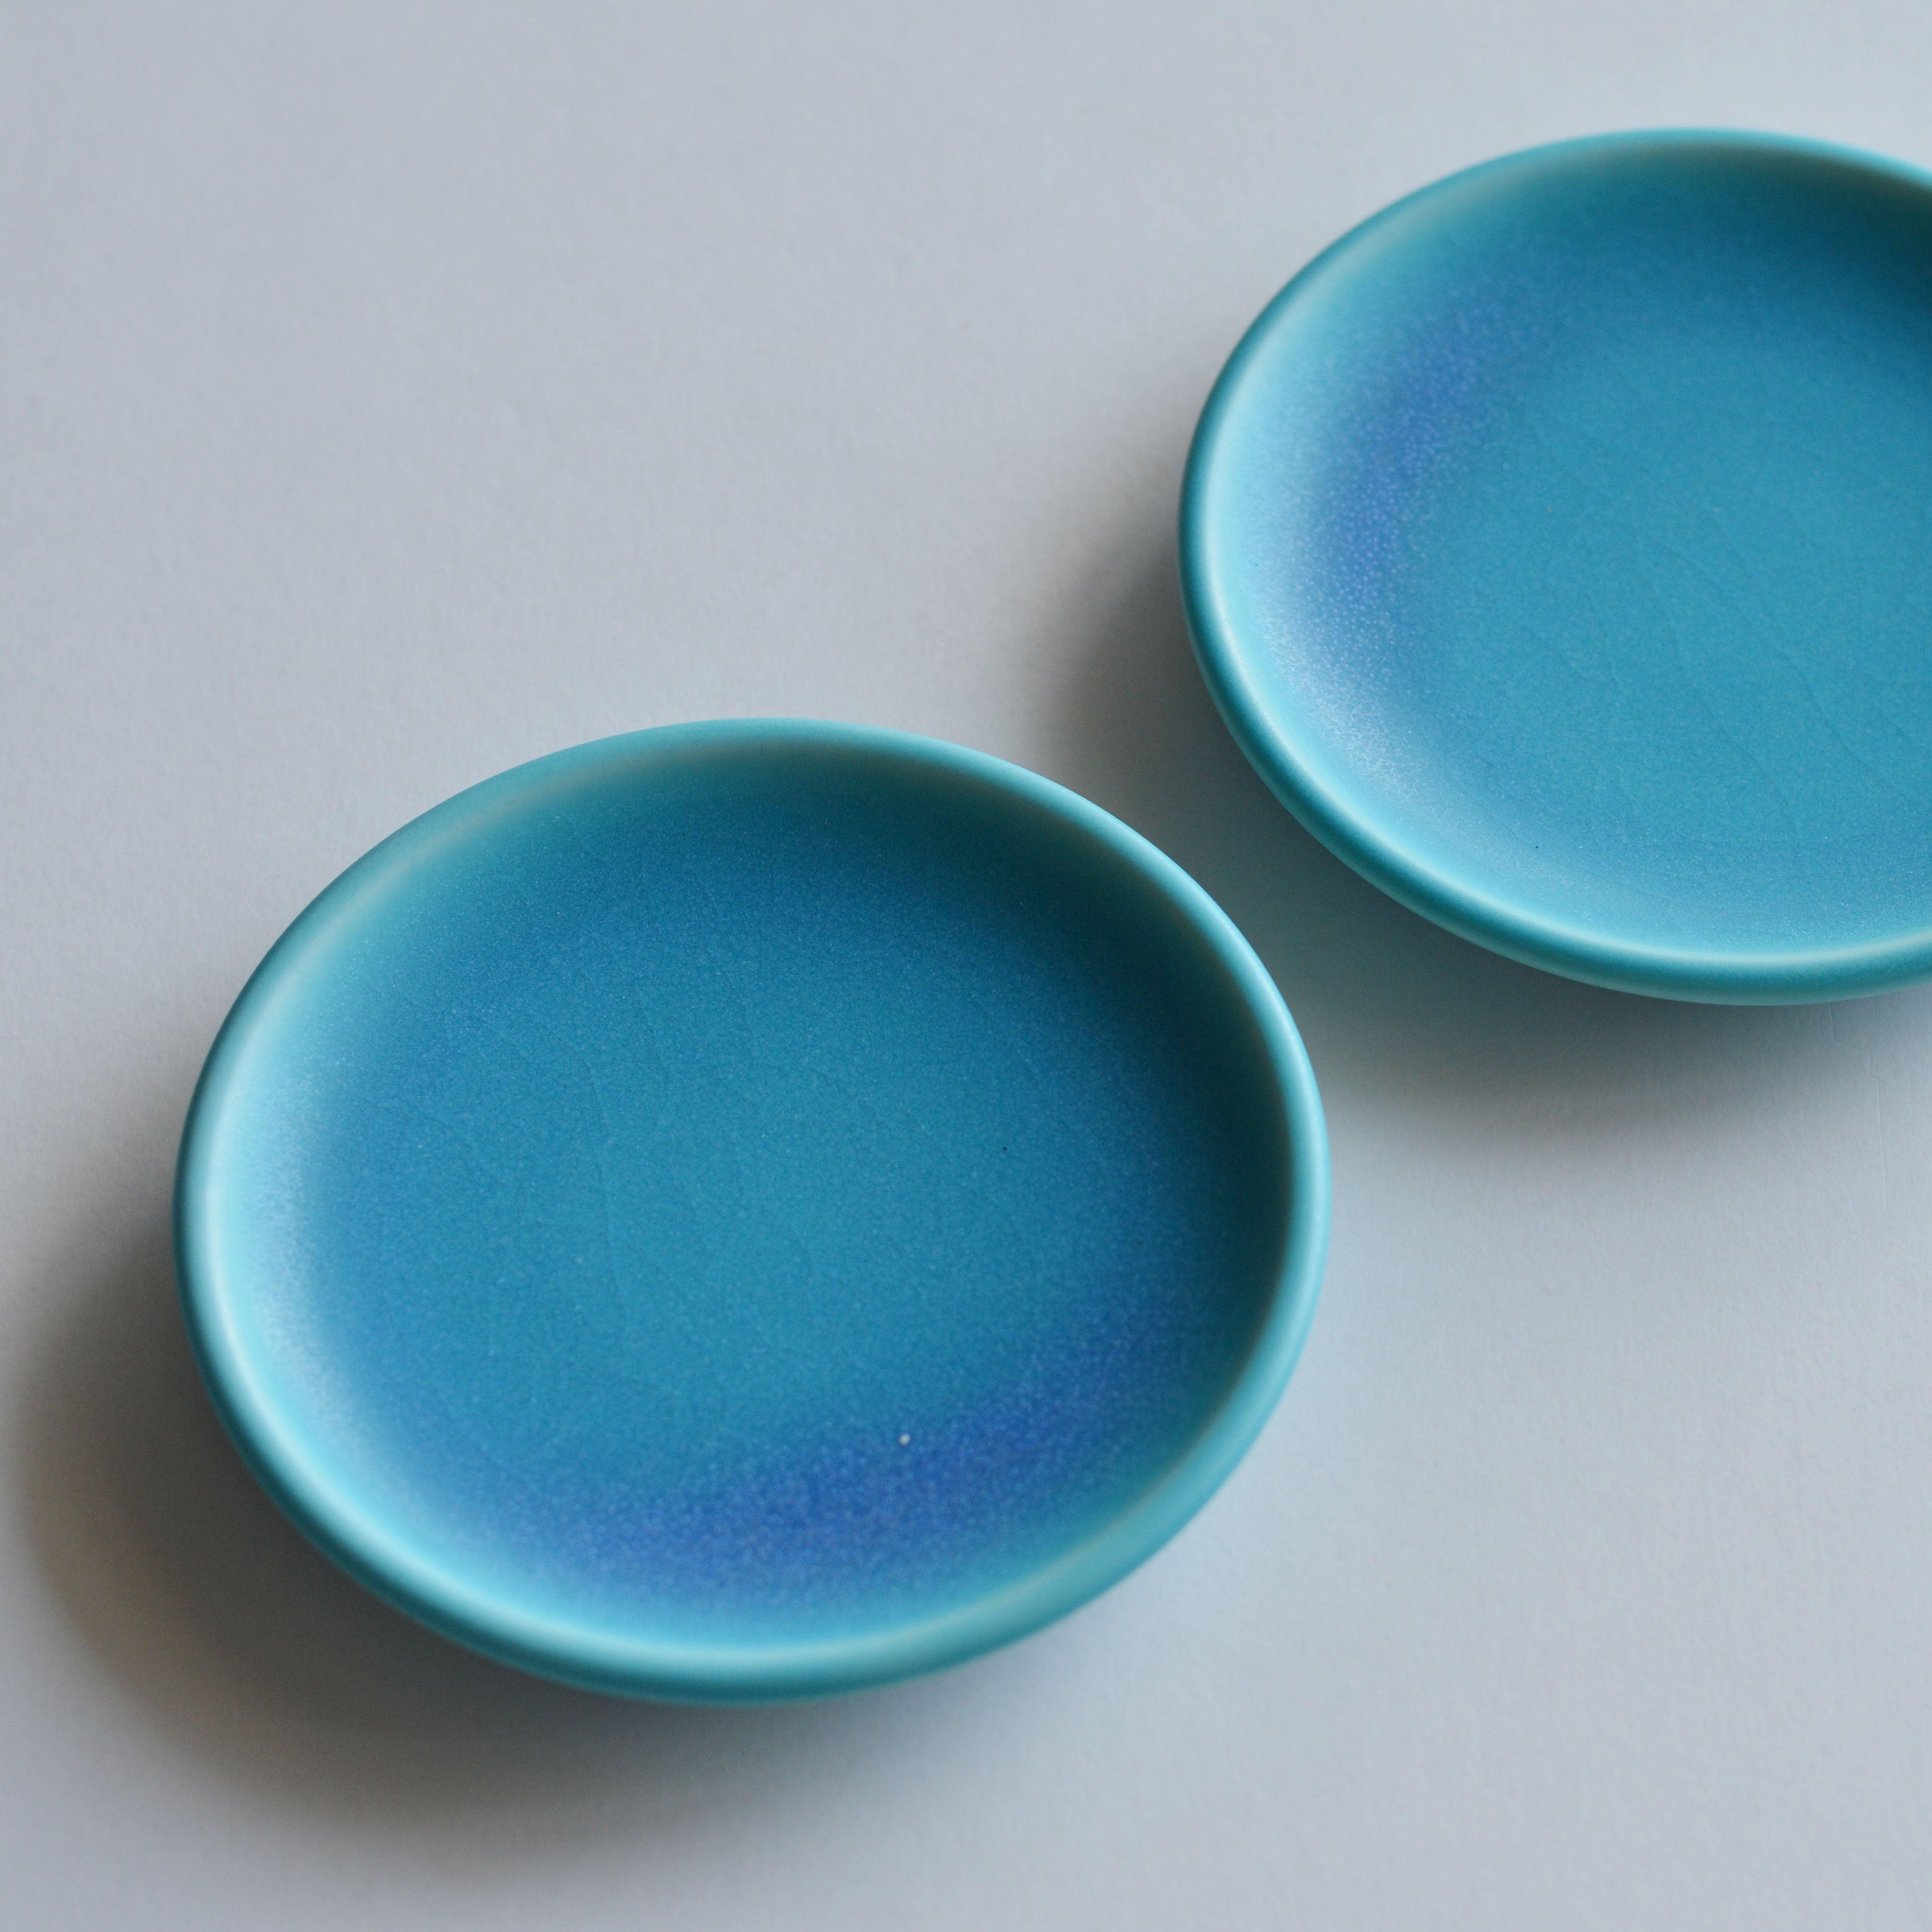 トルコ青  豆皿  琉球工藝